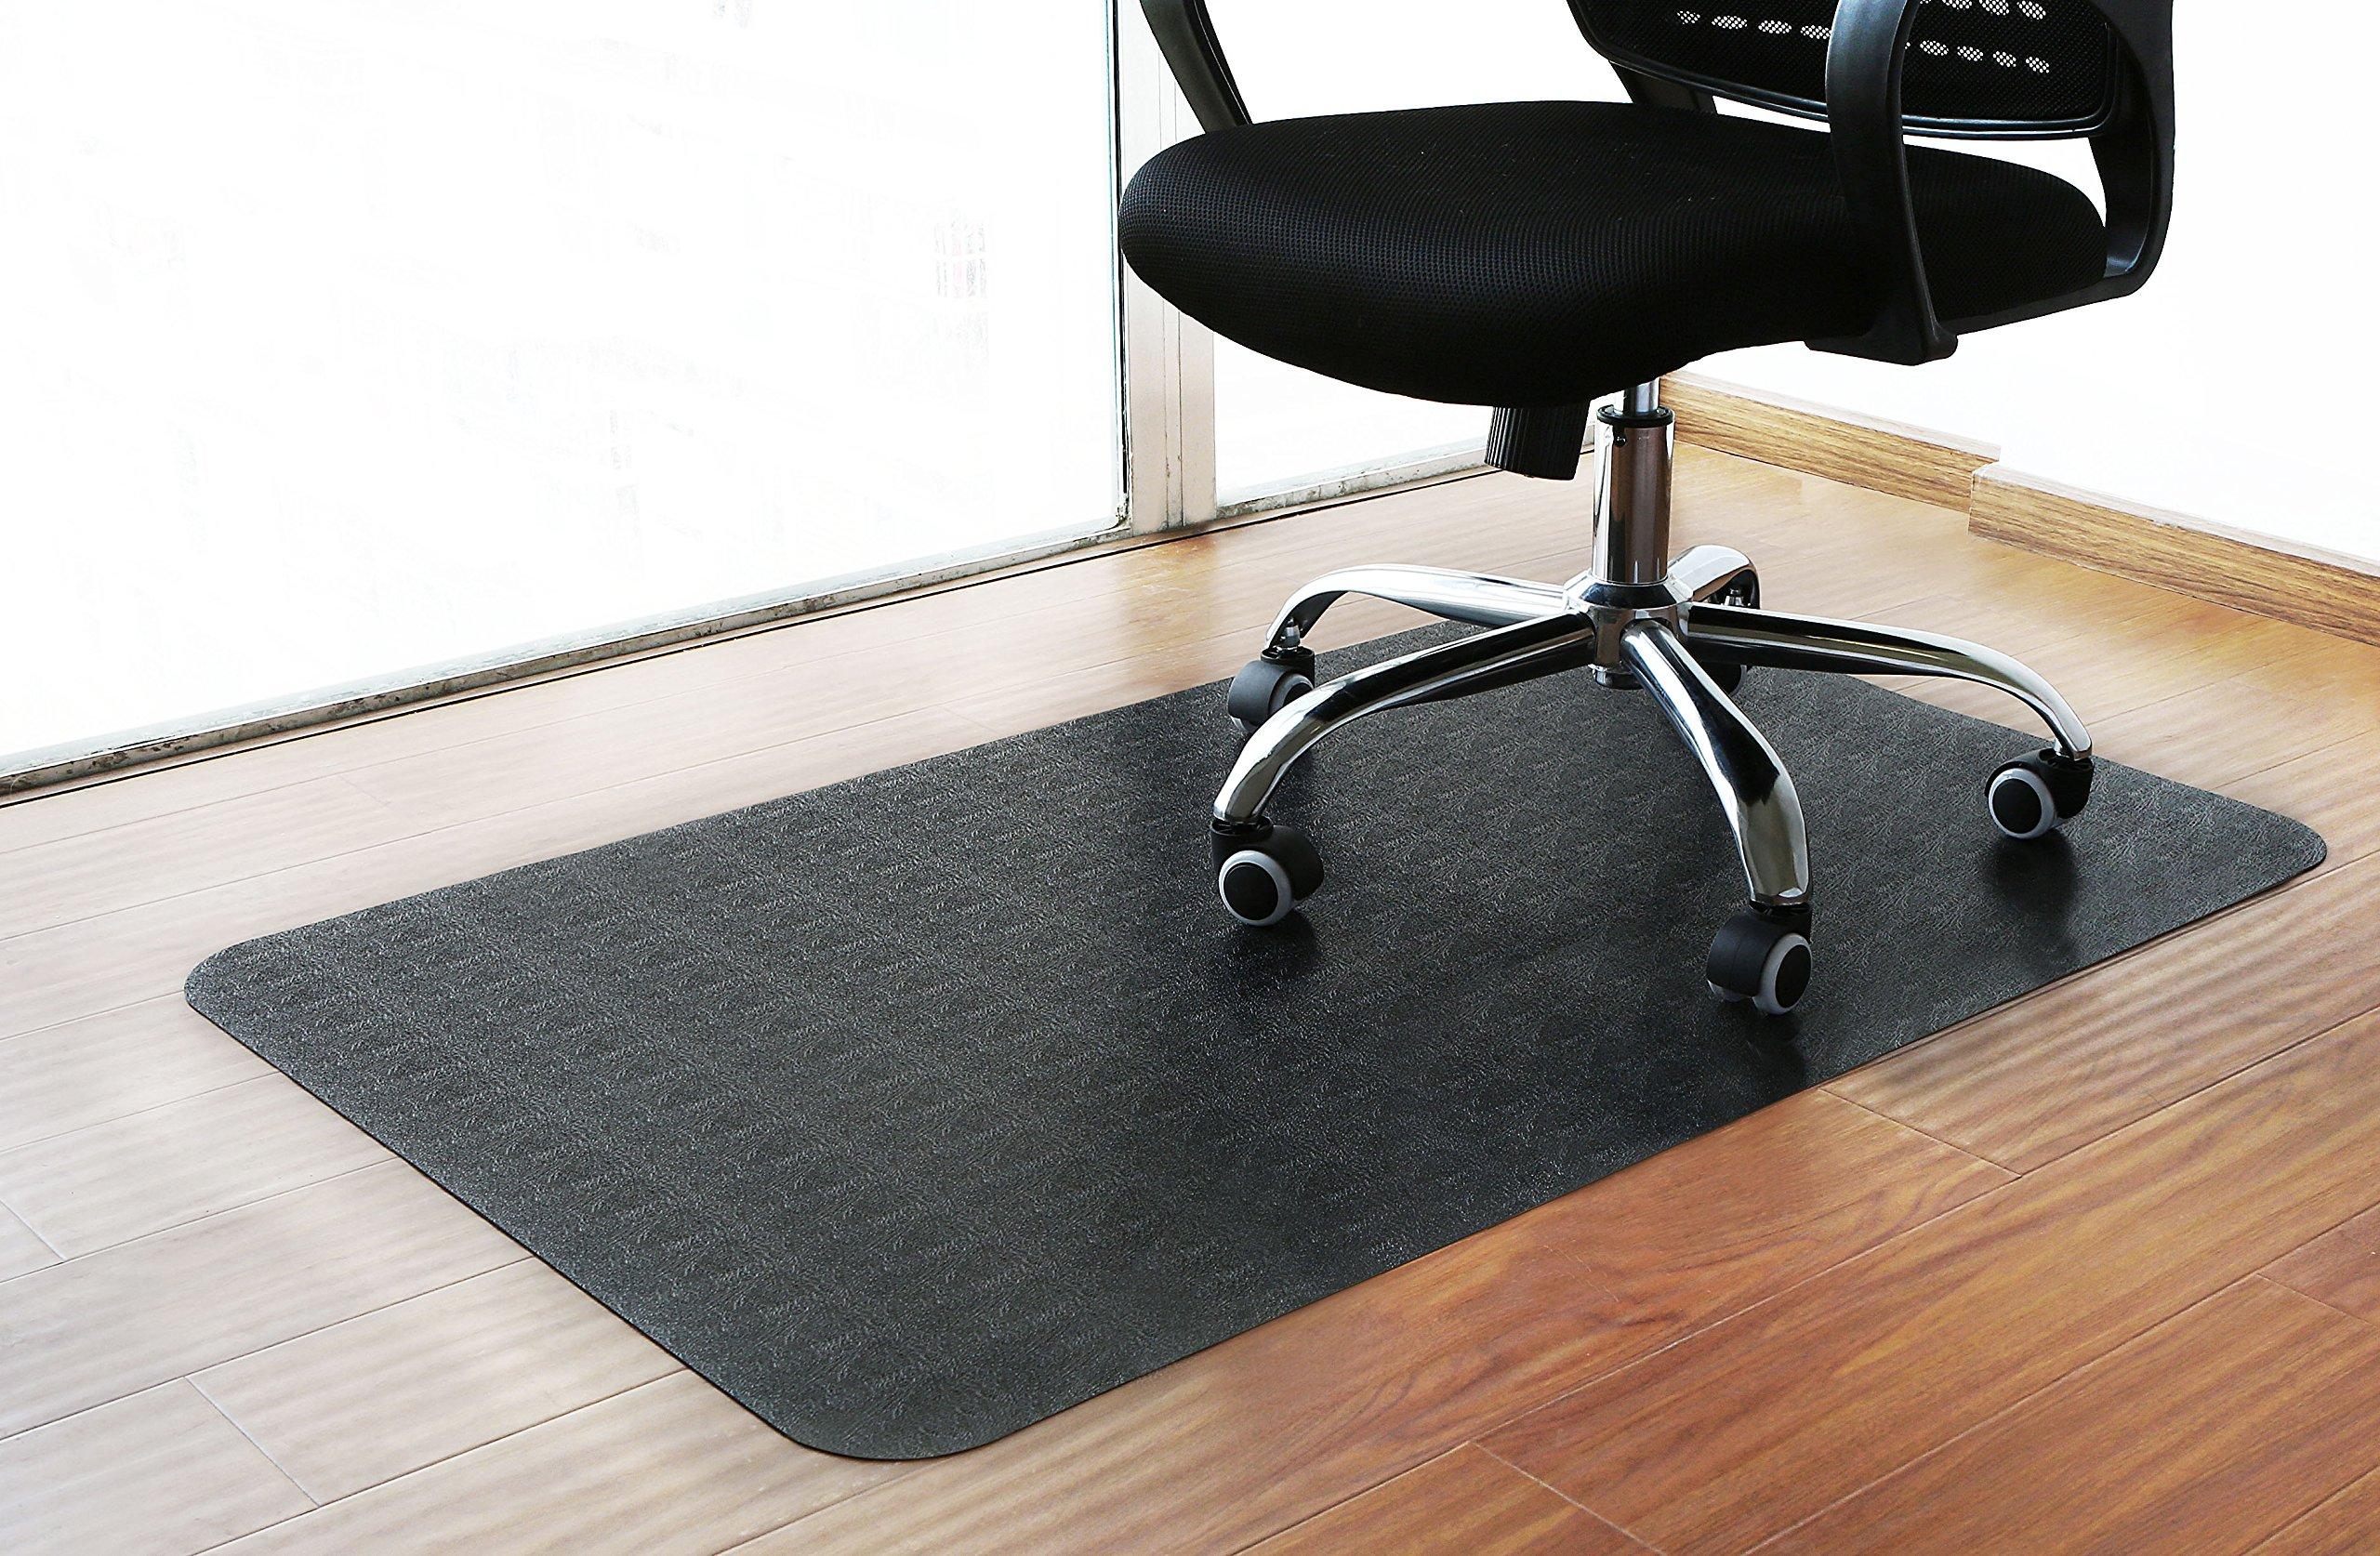 Polytene Office Chair Mat 48''x31''Hard Floor Protection Rectangular Anti Slide Coating on The Underside,Black